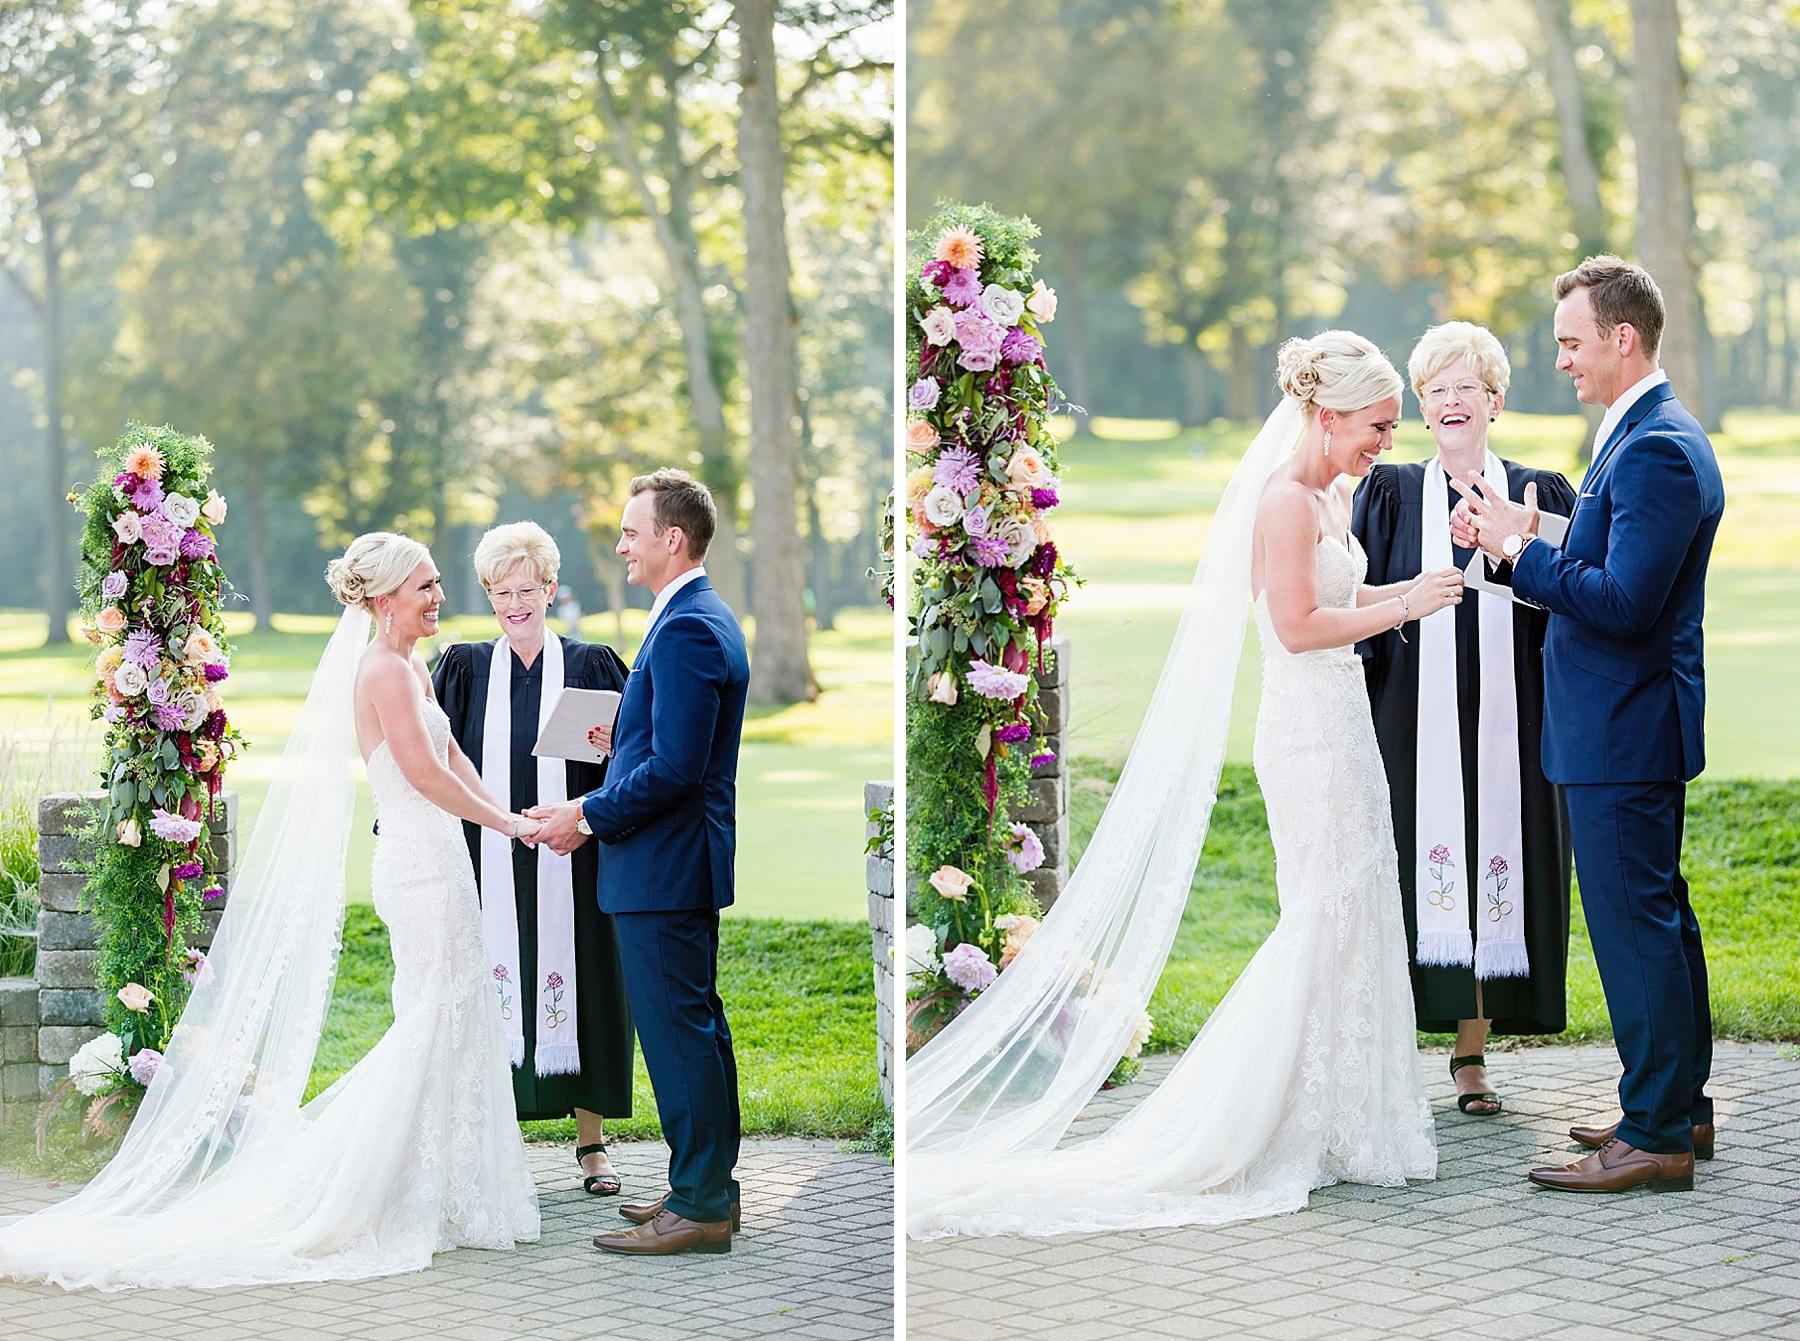 windsor-wedding-photographer-essex-golf-country-club-wedding-eryn-shea-photography_0031.jpg